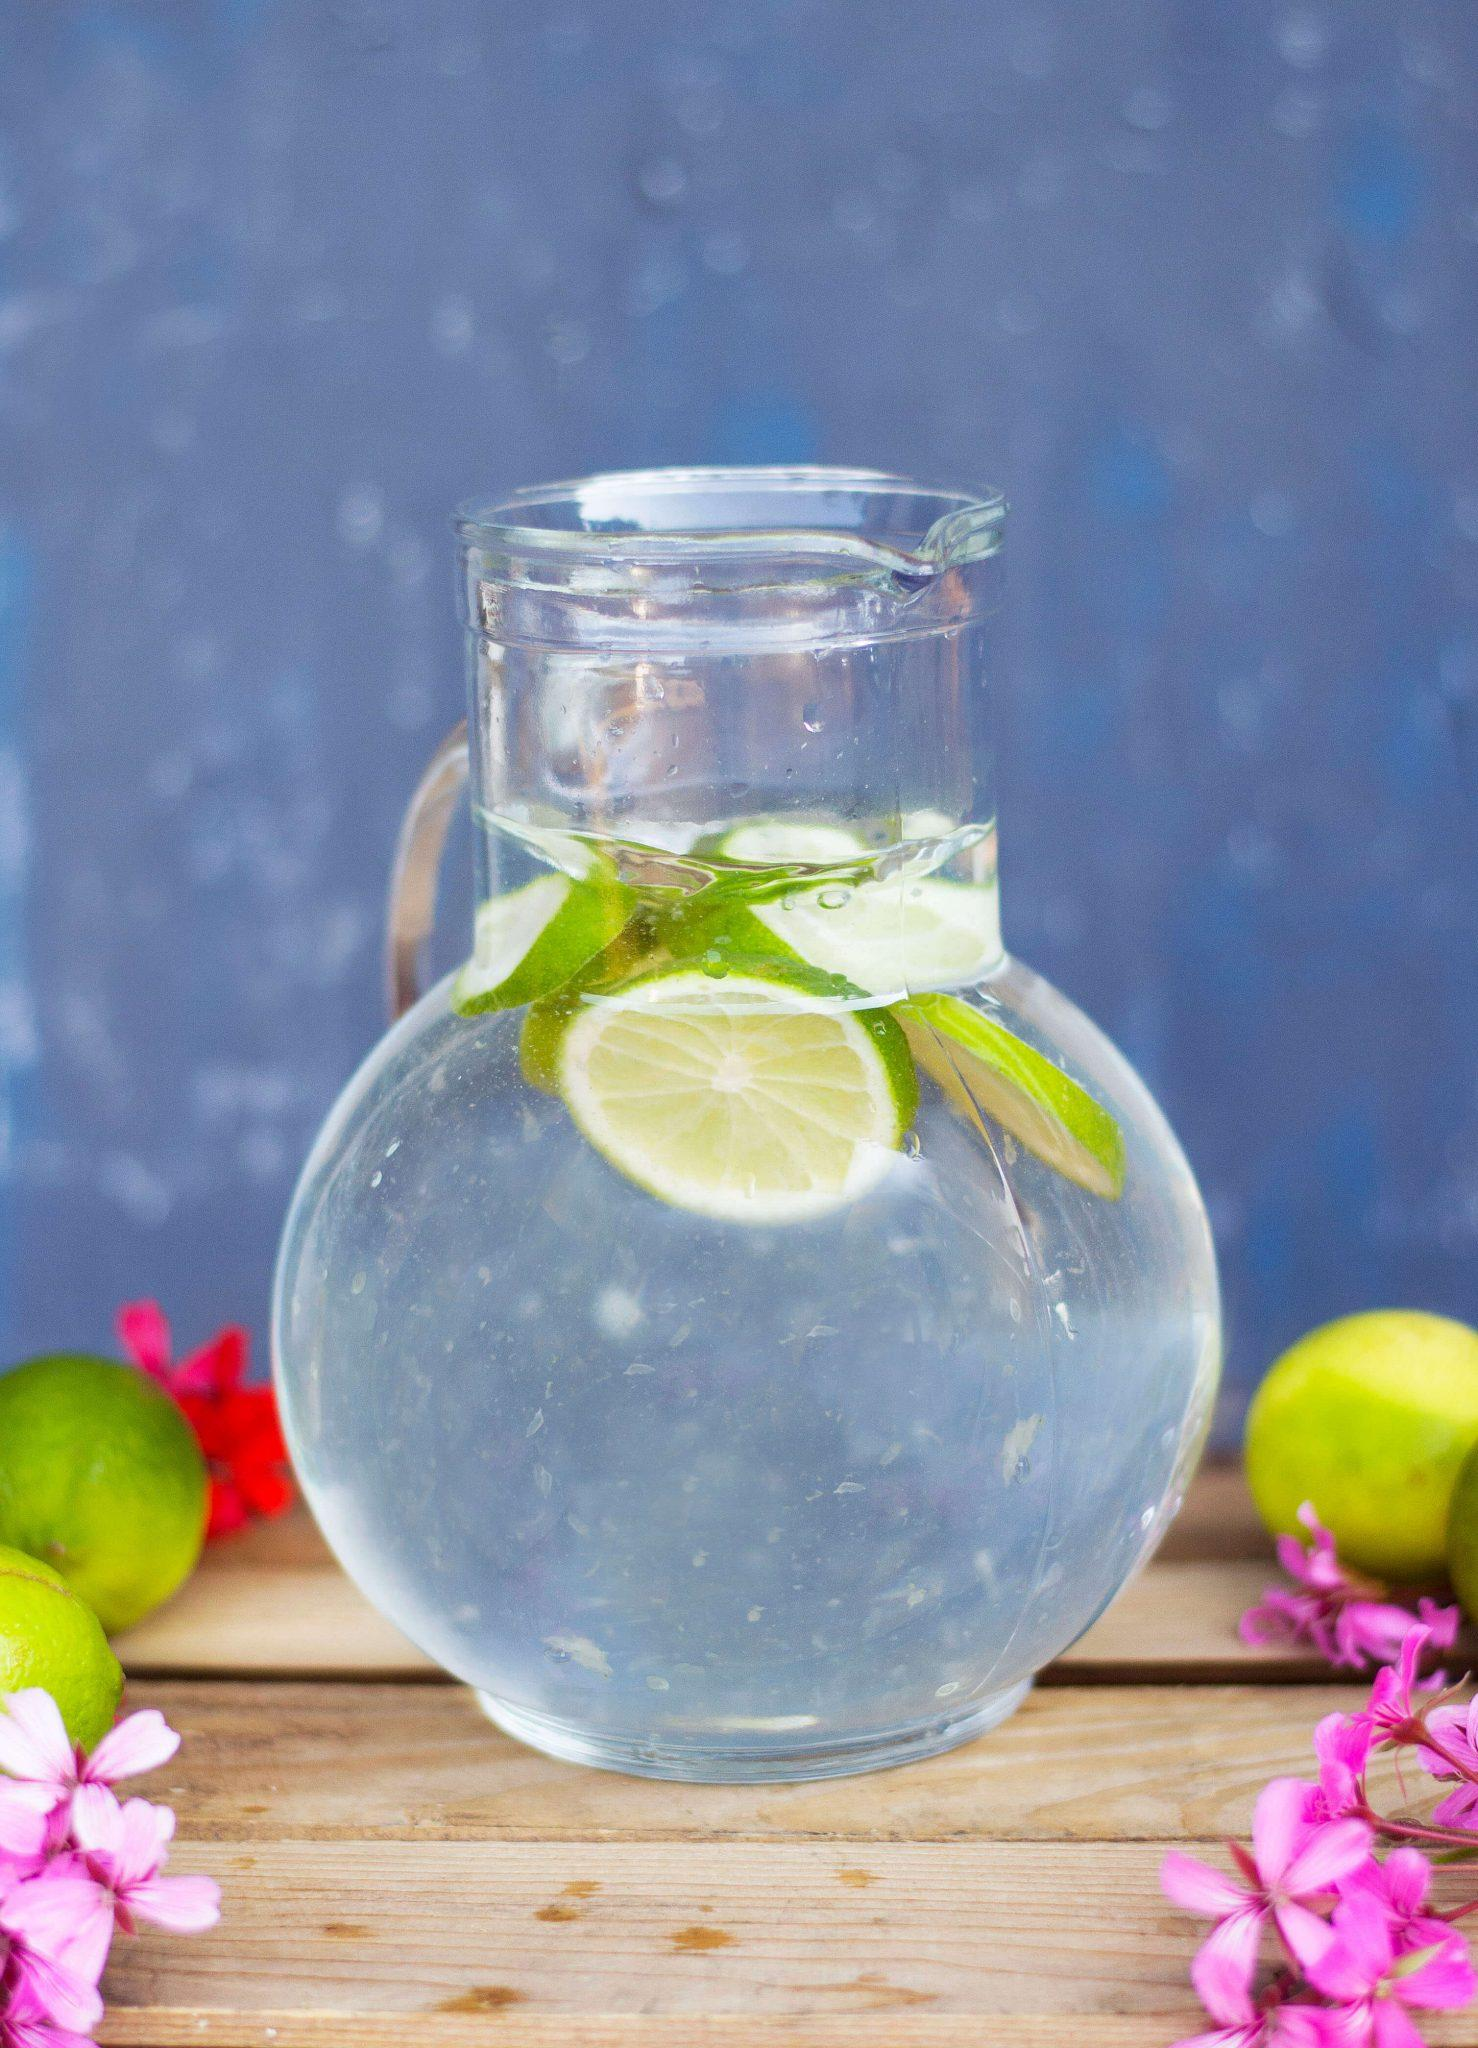 acqua detox con lime acquista online fruttaweb